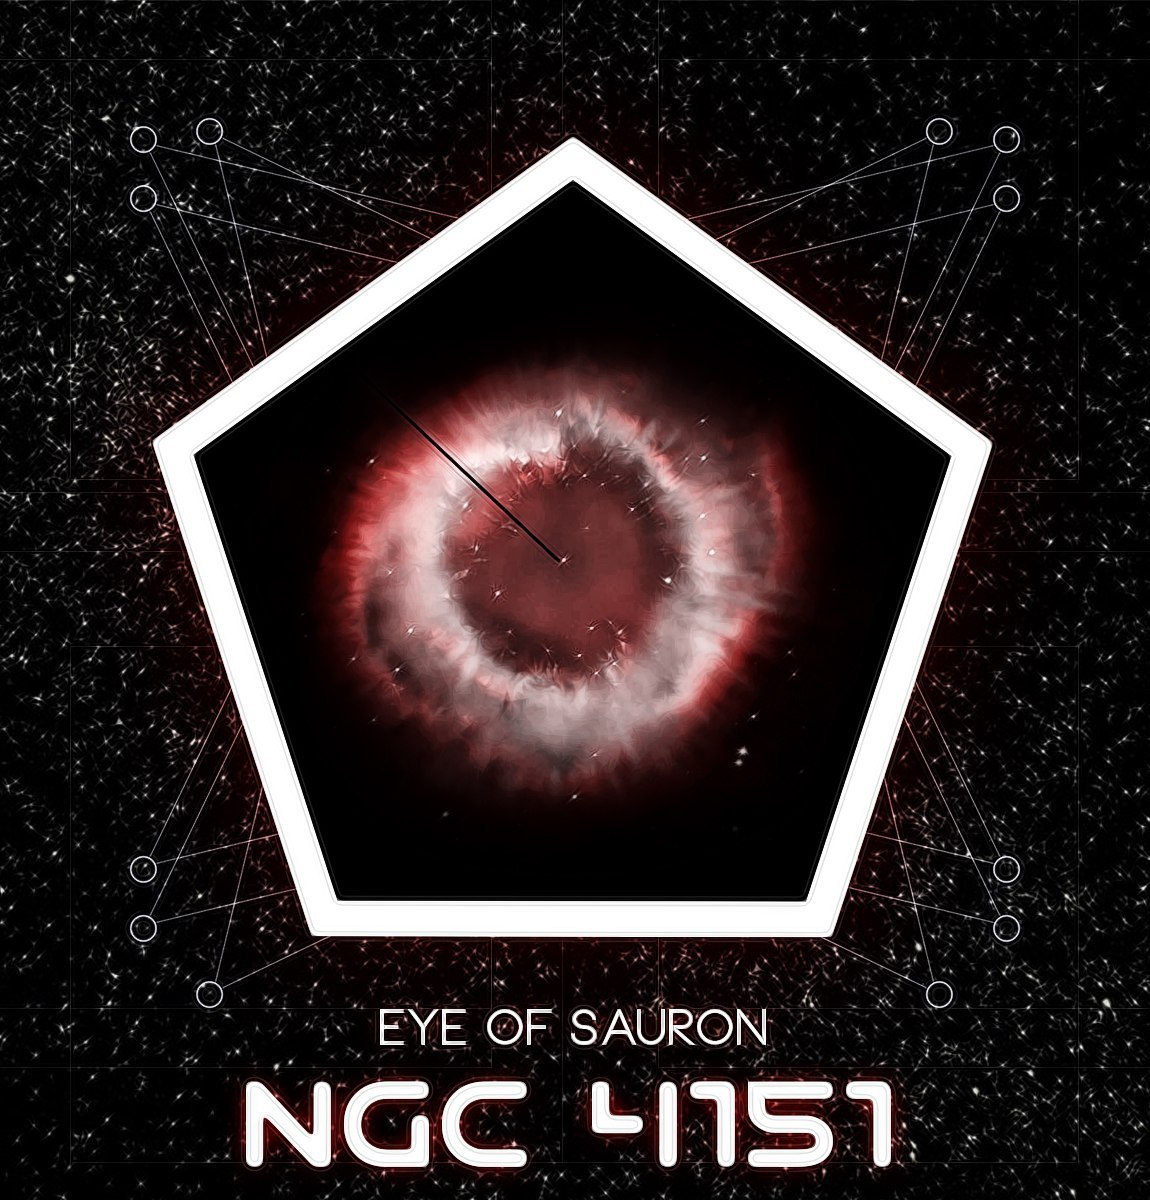 Eye of Sauron - NGC 4151 (EP) (2015)